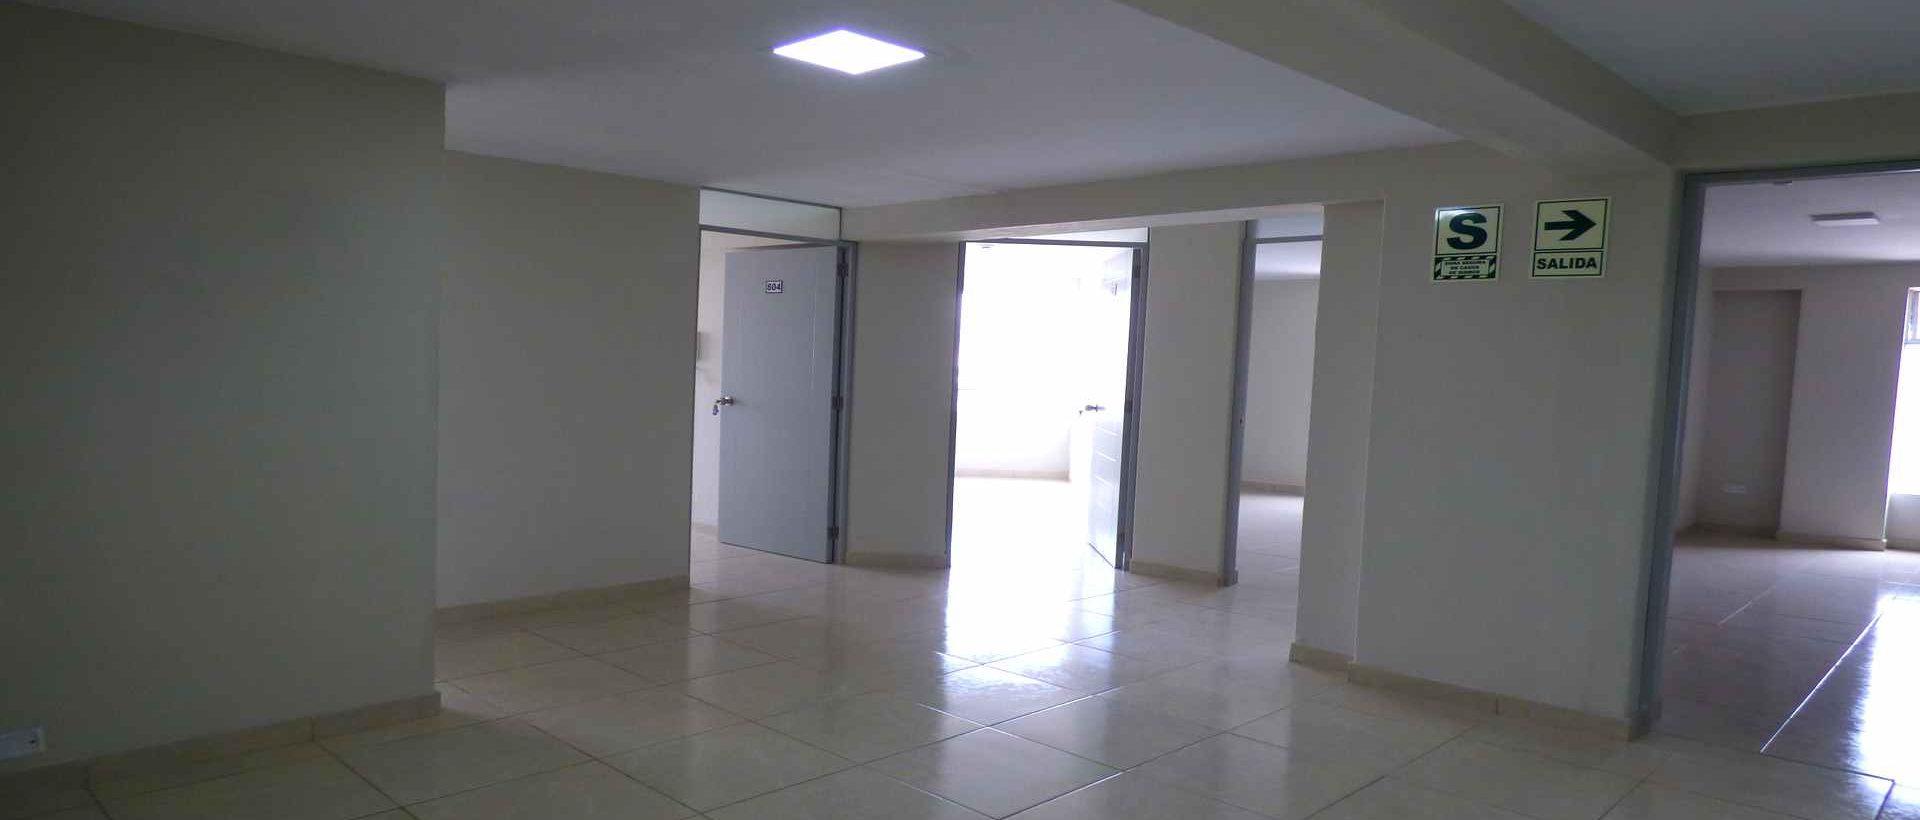 Oficina Local desde 10m2 a 236m2 Cercado de Lima